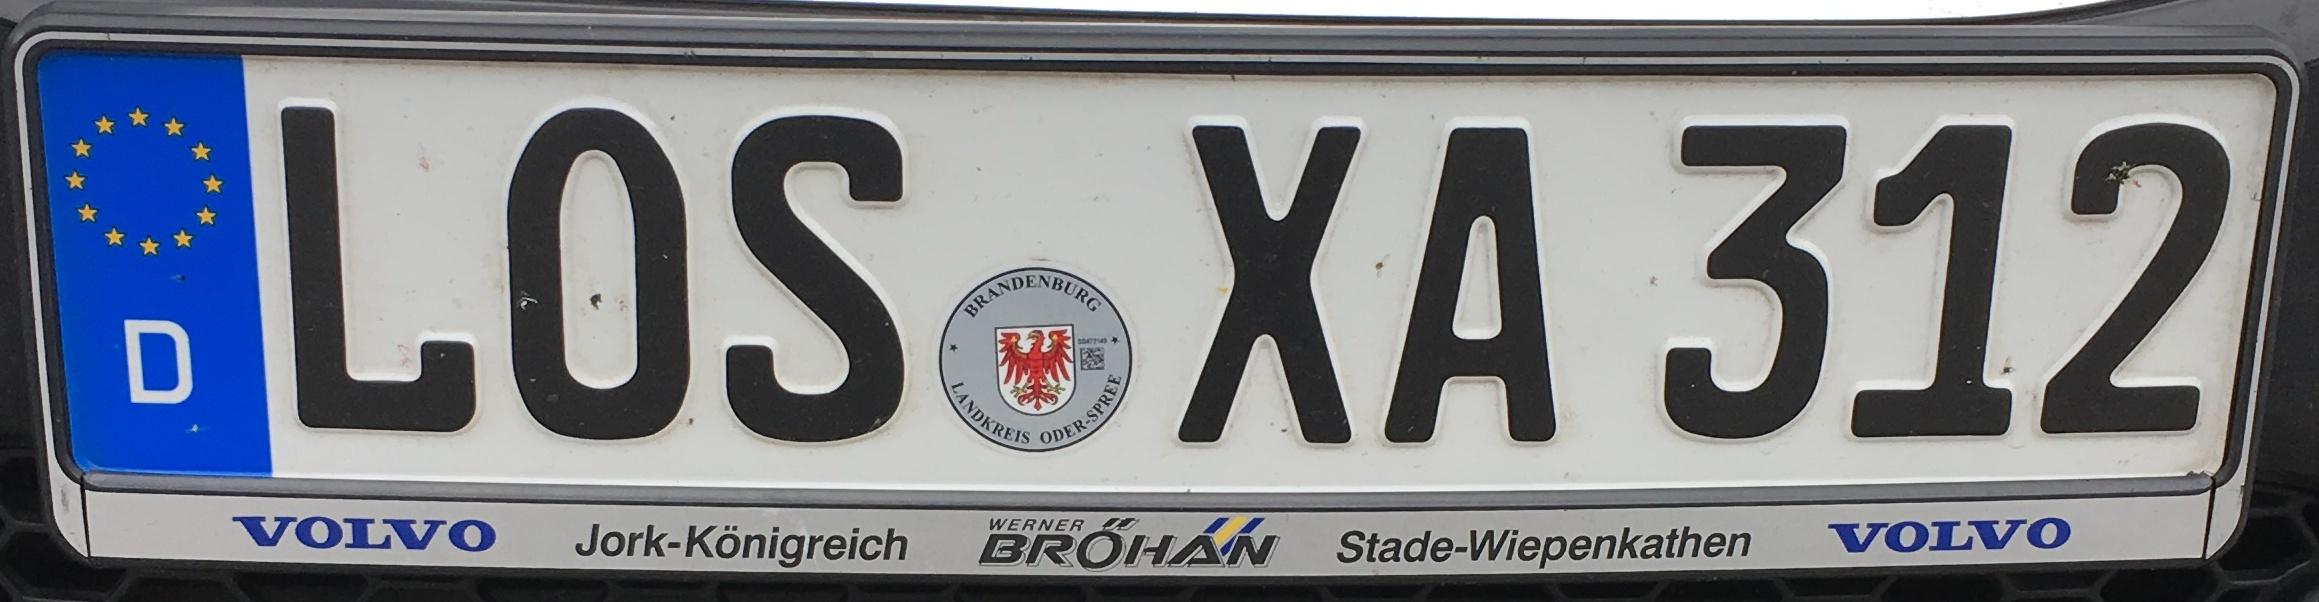 Registrační značka Německo - LOS - Oder-Spree, foto: www.podalnici.cz